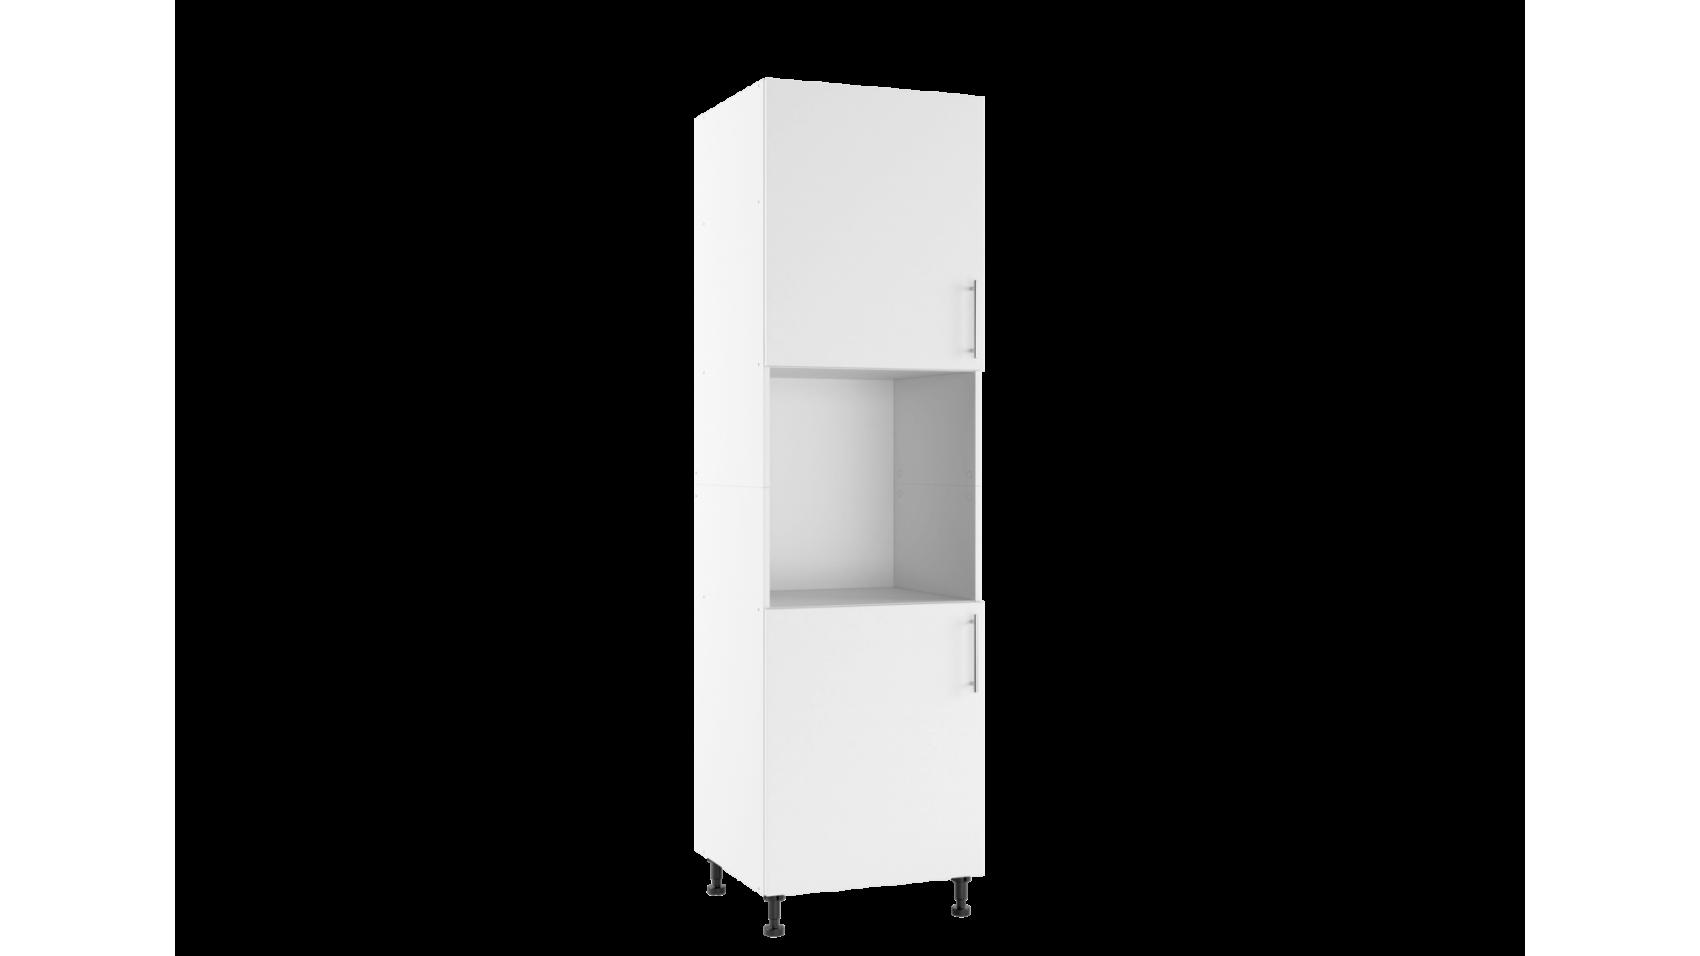 Kuchenne szafy wysokie Luna Bianco  | sklep internetowy Lupus ECO